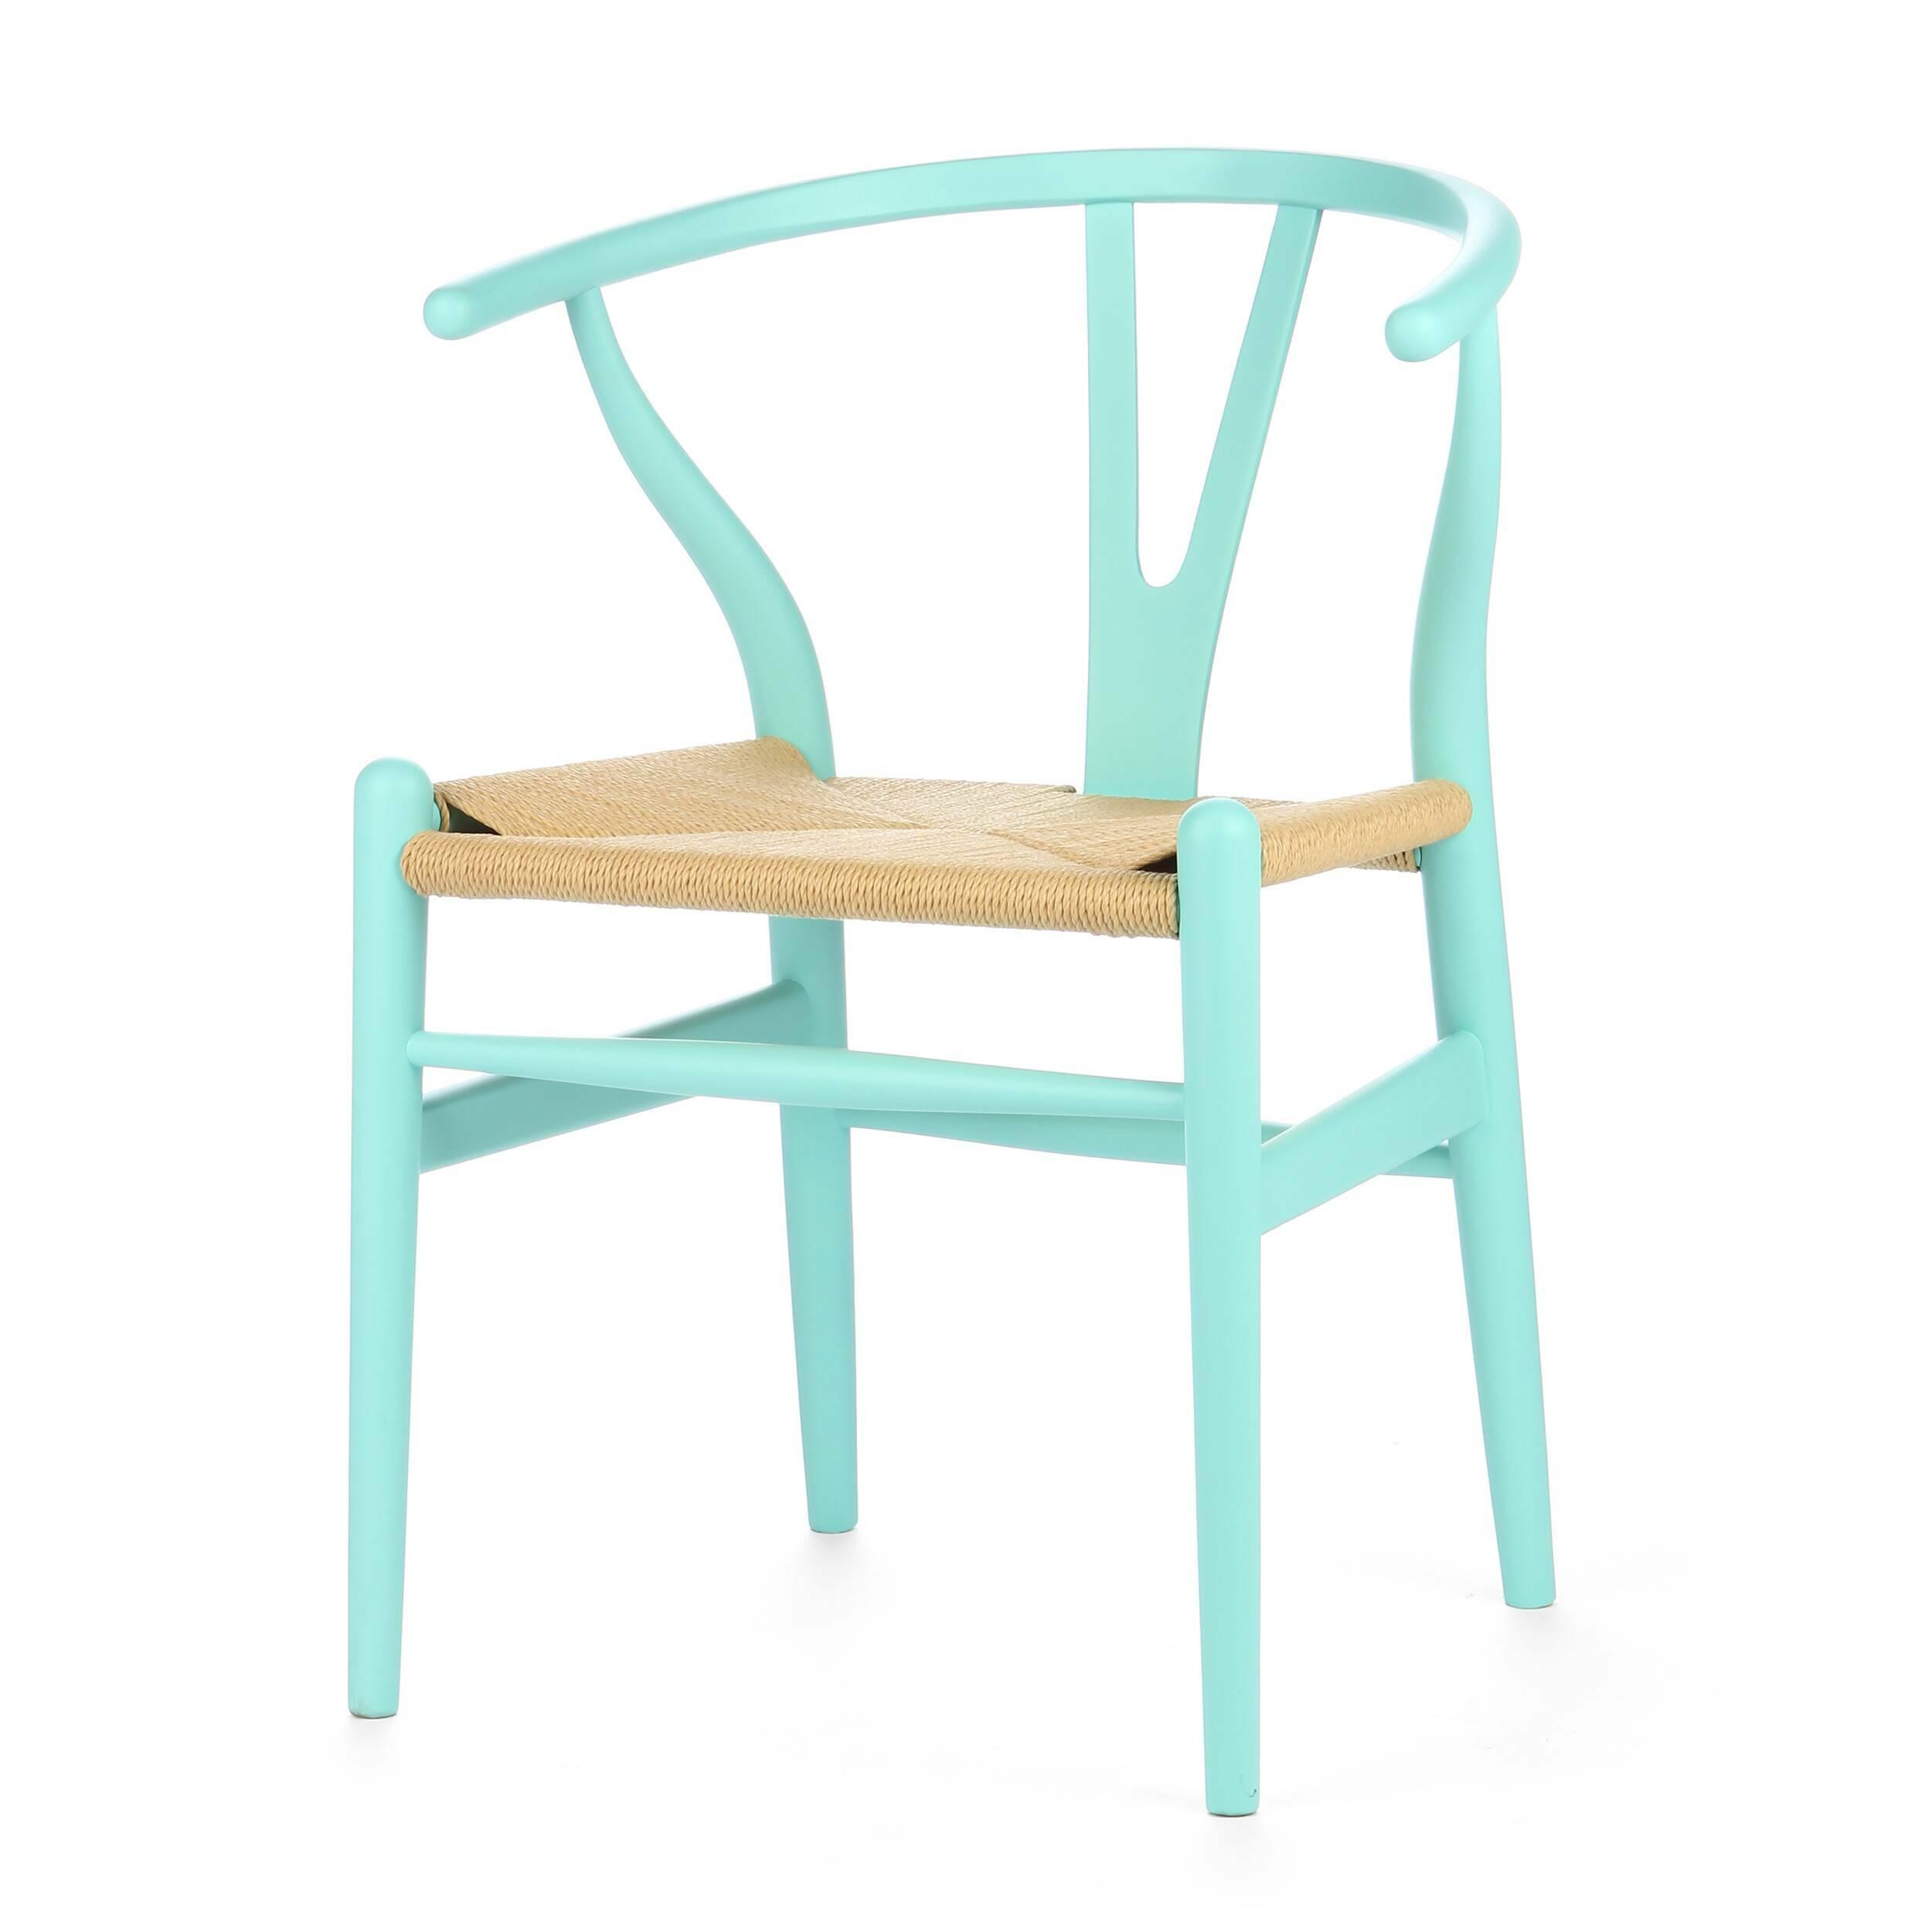 Стул Wishbone окрашеныйИнтерьерные<br>Дизайнерский деревянный стул Wishbone (Уишбон) с бумажным сиденьем от Cosmo (Космо).<br><br> Стул Wishbone был разработан в 1949 году передовым датским дизайнером мебели Хансом Вегнером. Стул Wishbone был создан под впечатлением от просмотра классических портретов датских торговцев, сидящих на китайских стульях династии Мин. Свое название стул Wishbone («вилка») получил за специфическую форму спинки сиденья.<br><br><br> Также известный как CH24, стул Wishbone окрашенный широко используется при оформле...<br><br>stock: 0<br>Высота: 76<br>Высота сиденья: 45<br>Ширина: 55,5<br>Глубина: 53,5<br>Материал каркаса: Массив бука<br>Тип материала каркаса: Дерево<br>Цвет сидения: Бежевый<br>Тип материала сидения: Корд бумажный<br>Цвет каркаса: Бирюзовый